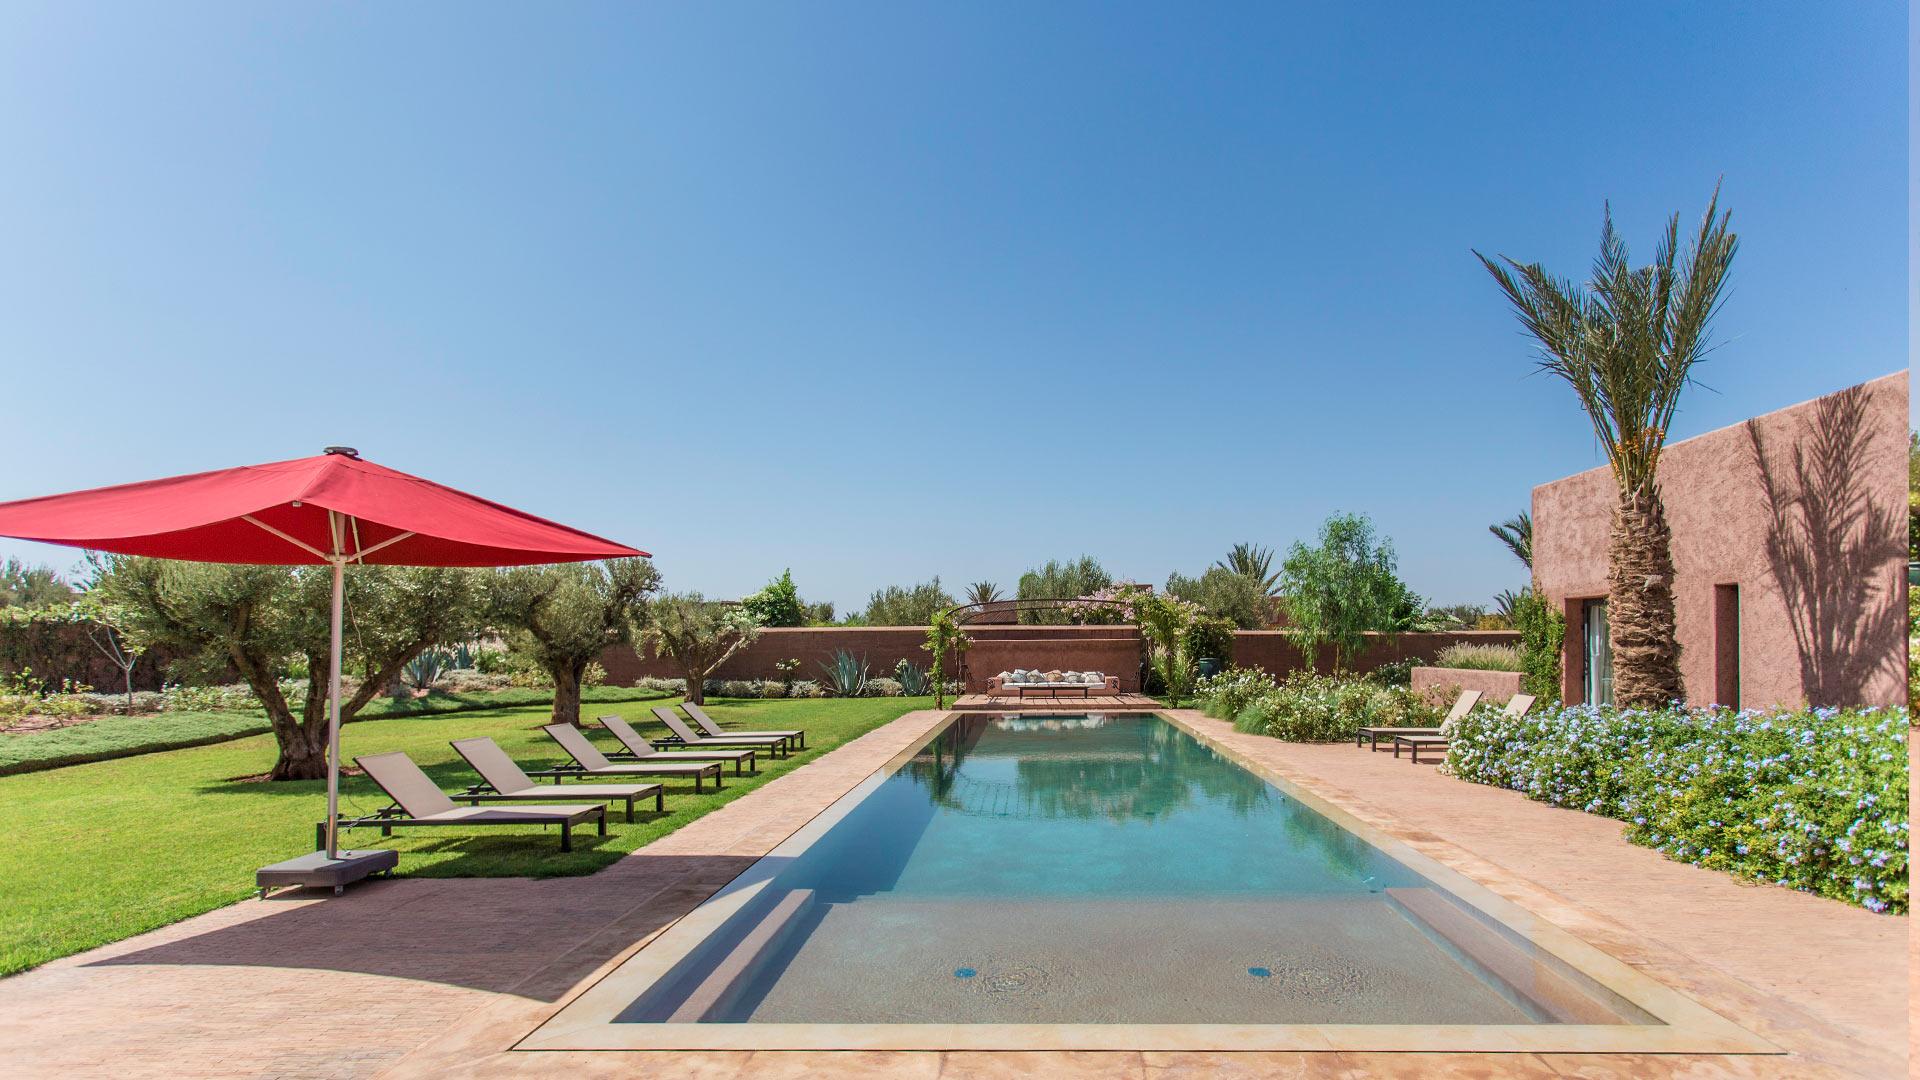 Villa Villa Inissia, Rental in Marrakech